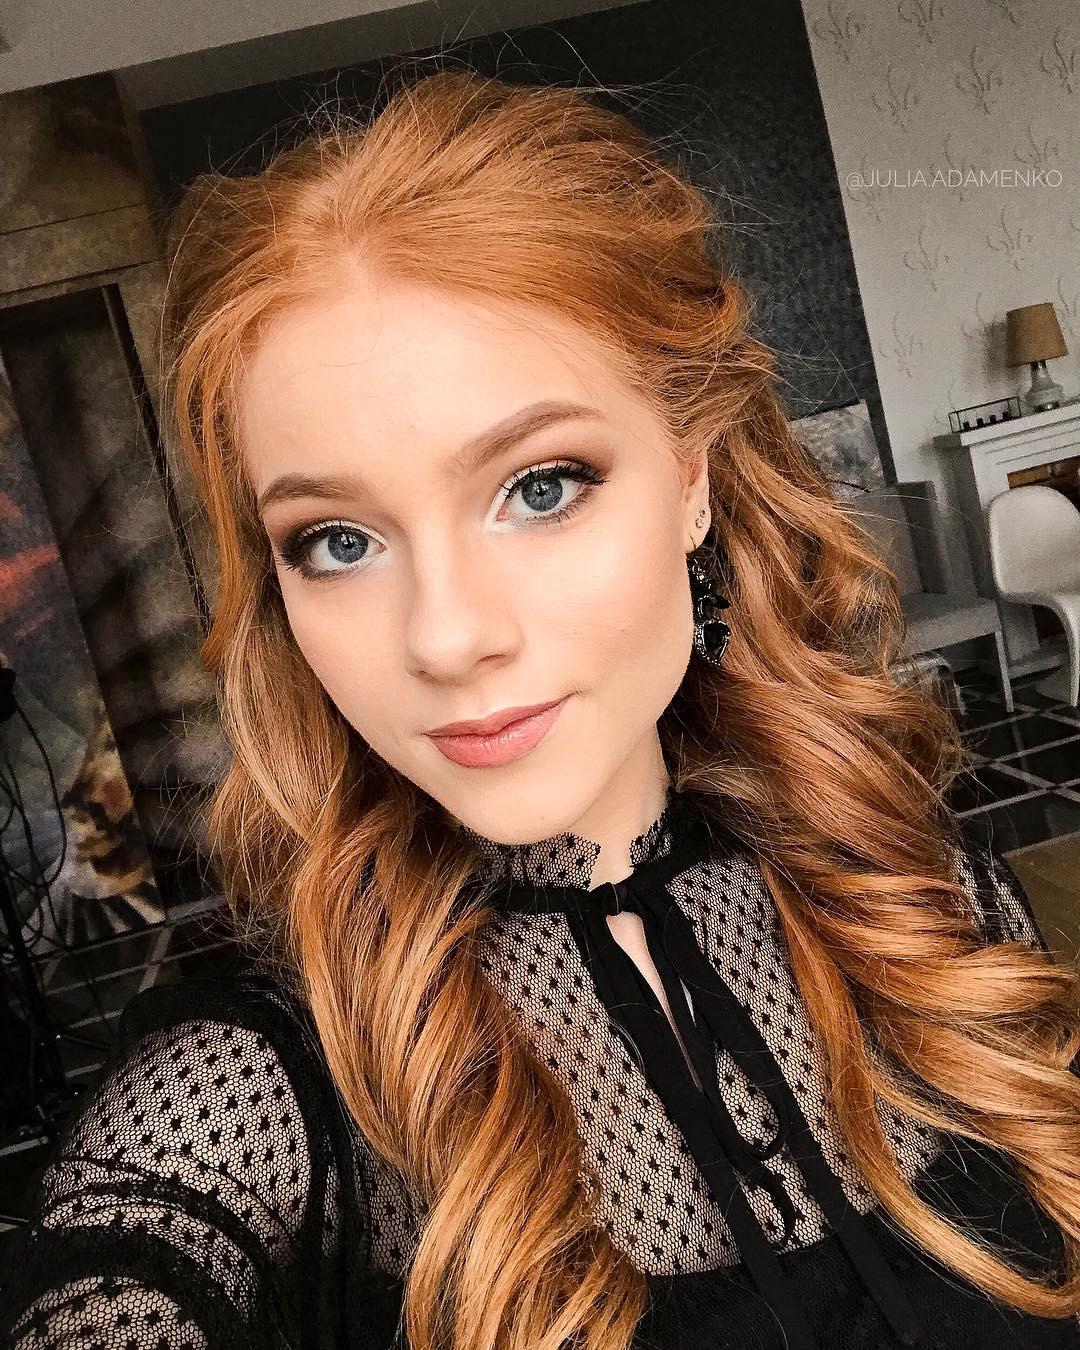 Rotblonde Haare